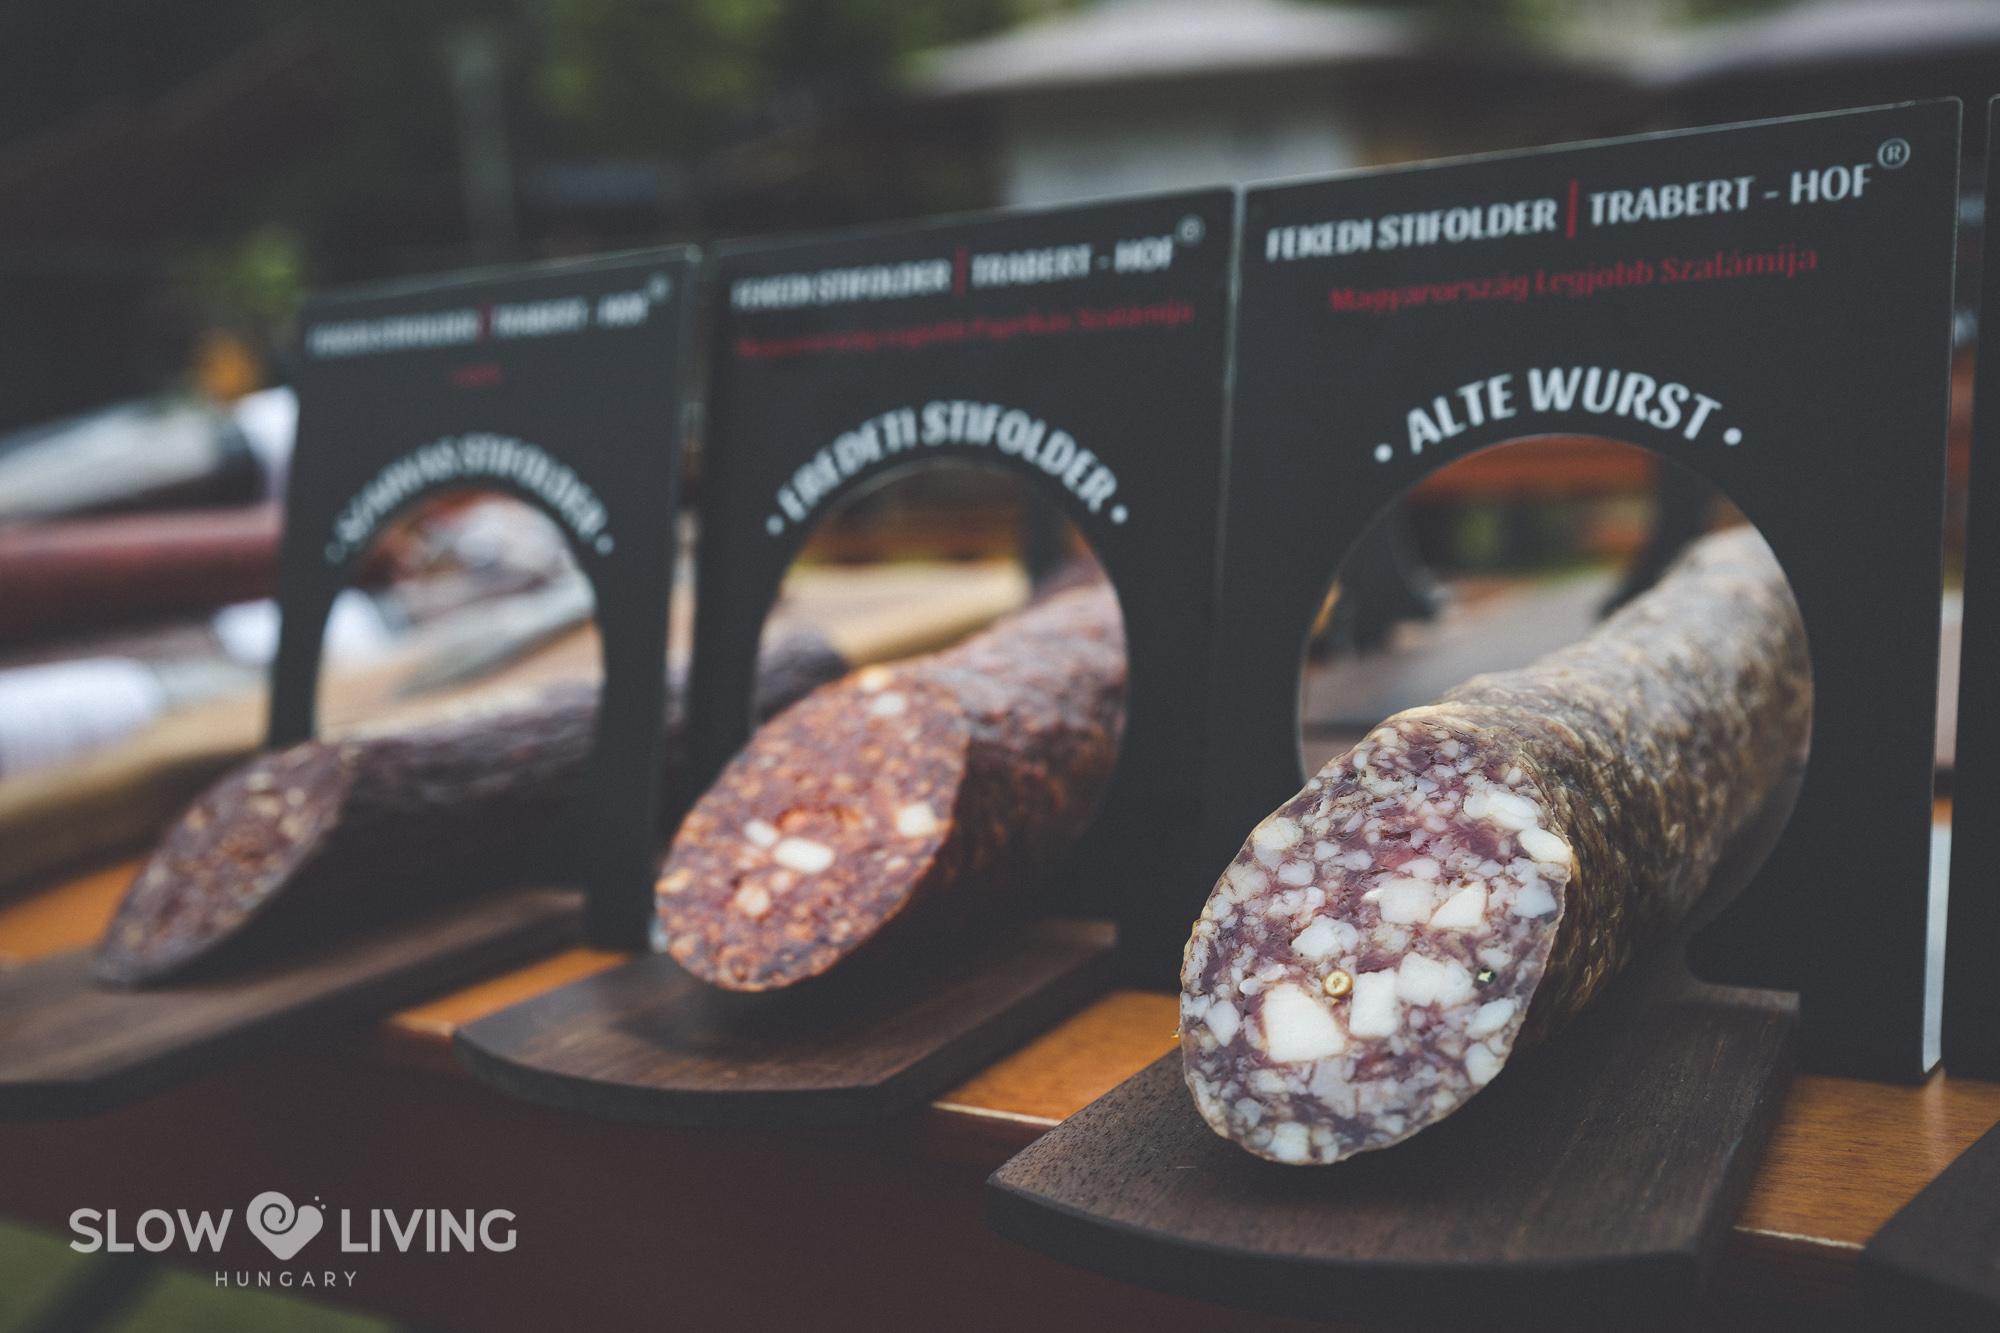 (Magyar) Magyar Slow food siker Londonban! Óriási elismerést kapott a Fekedi Stifolder a brit Great Taste Awards nemzetközi versenyen